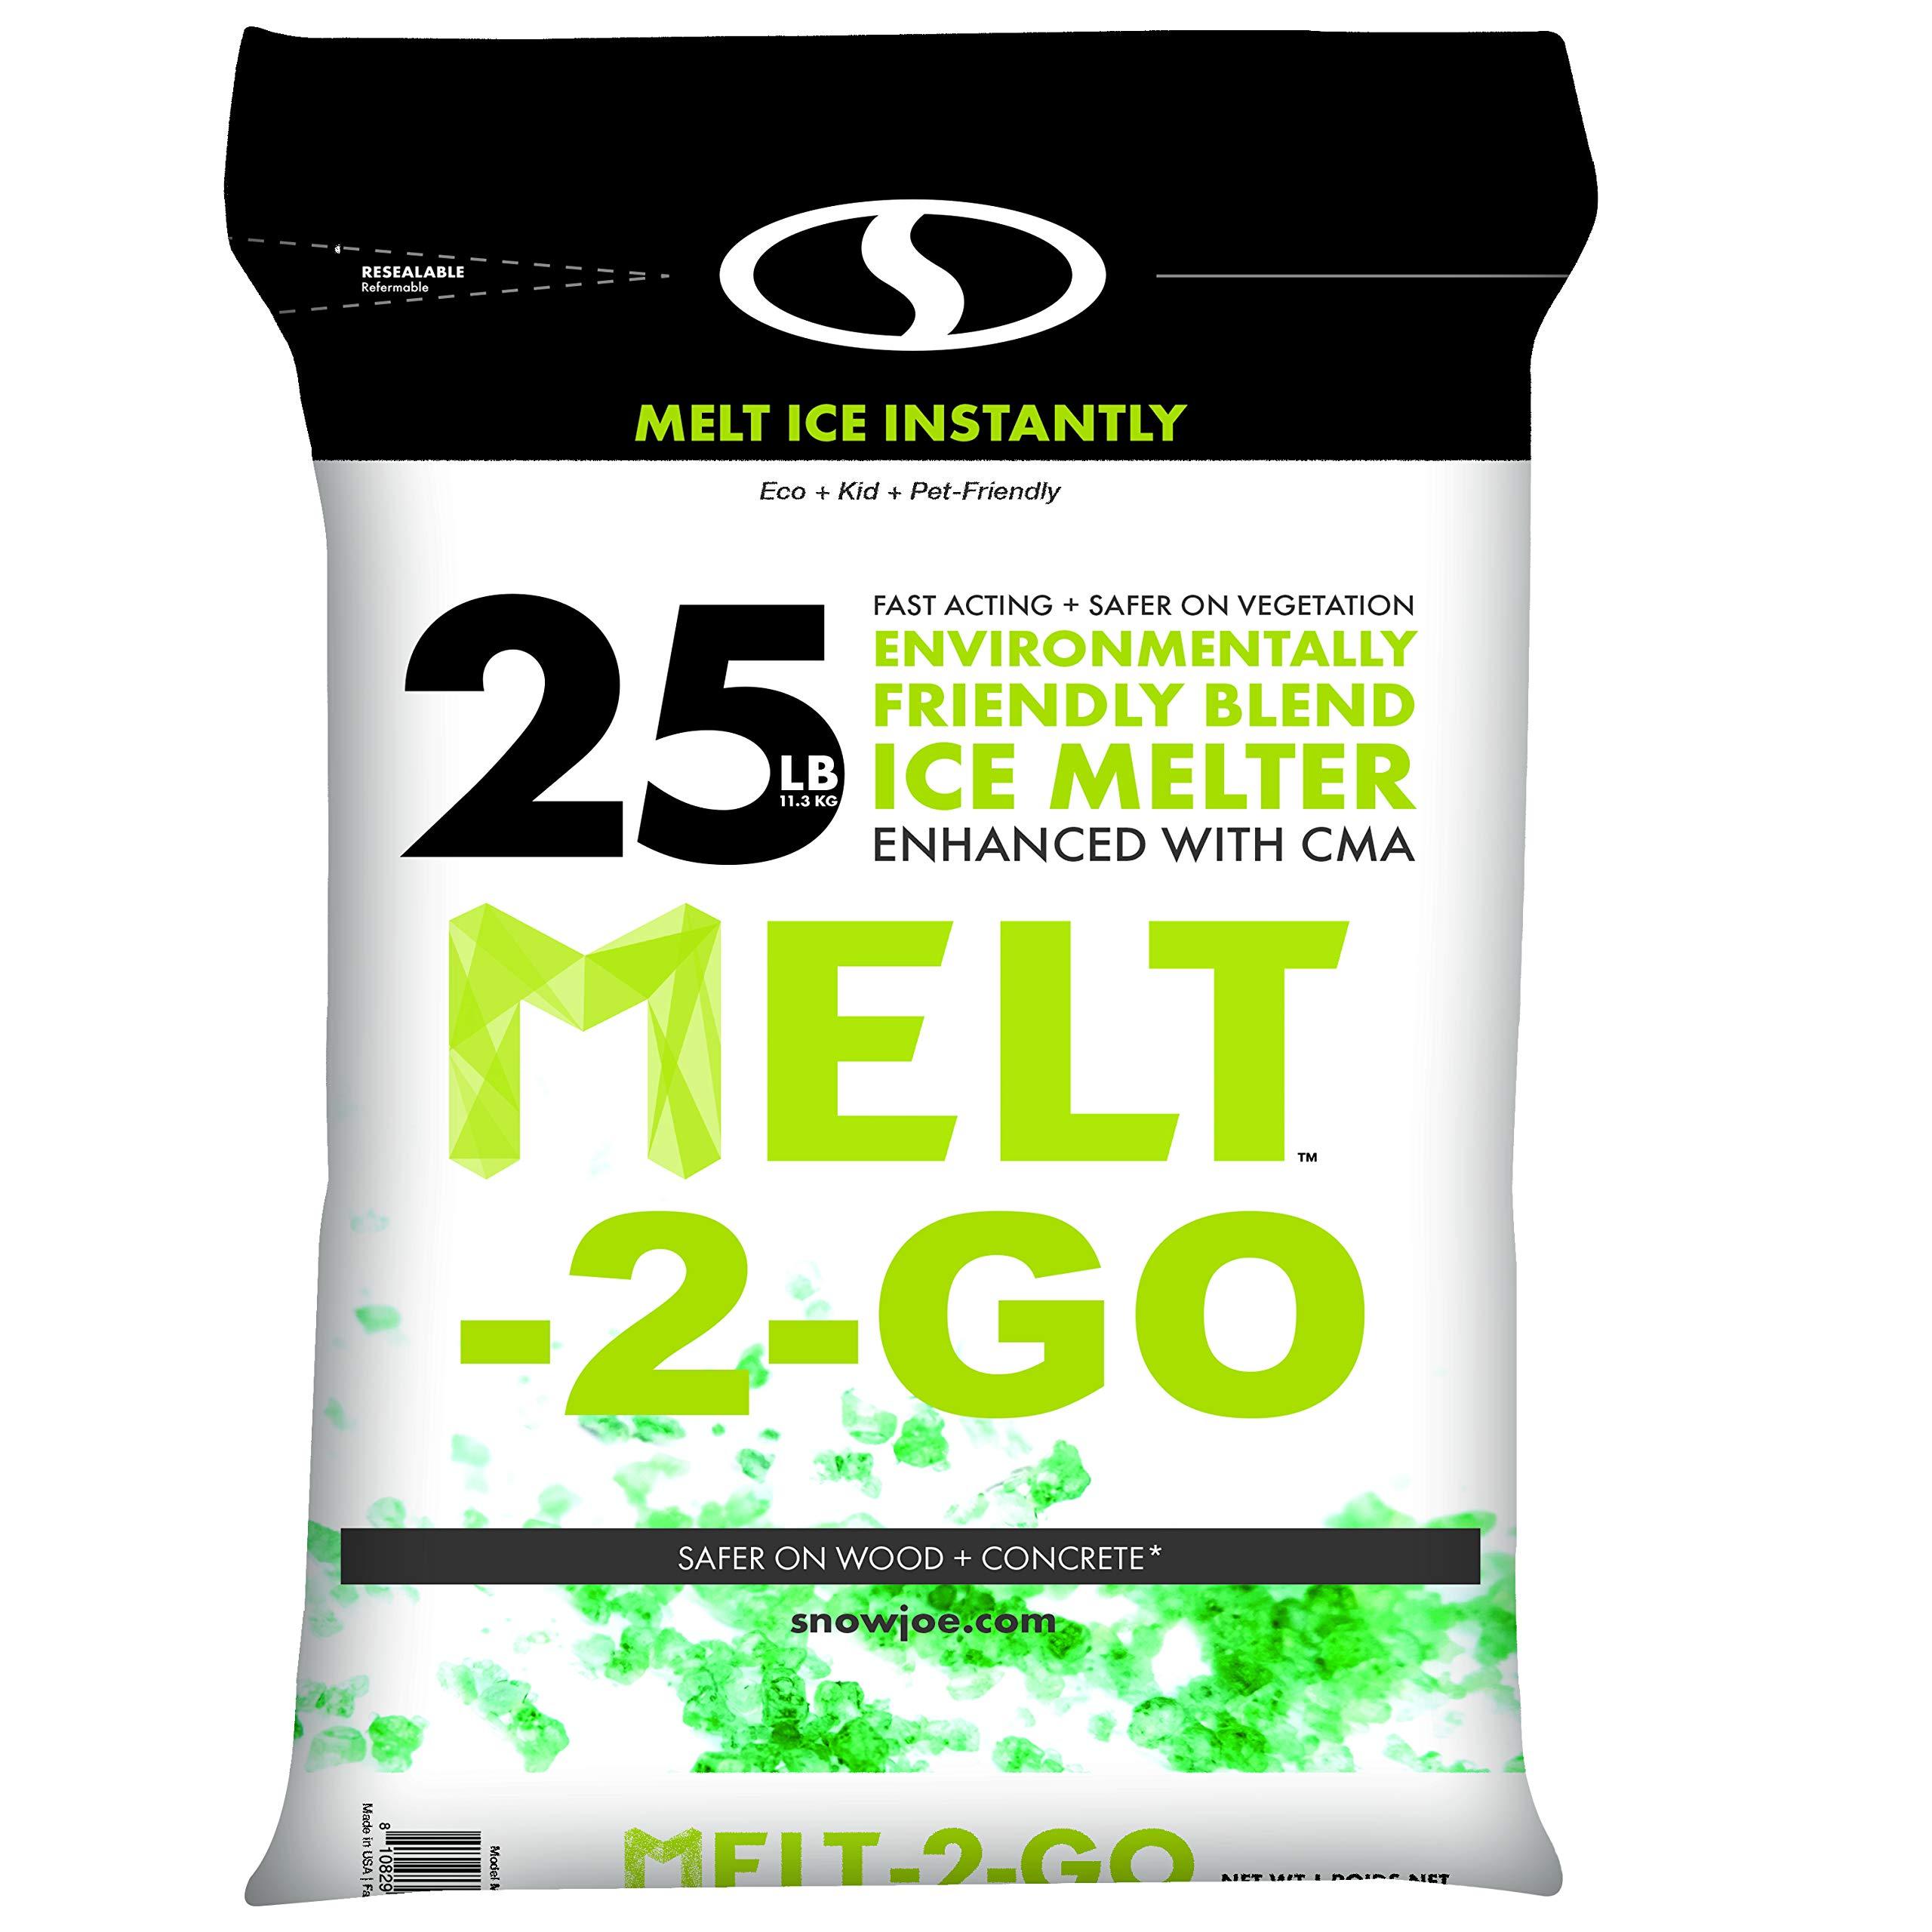 Snow Joe AZ-25-EB Melt-2-Go Nature + Pet Friendly CMA Blended Ice Melter, 25-lb Bag by Snow Joe